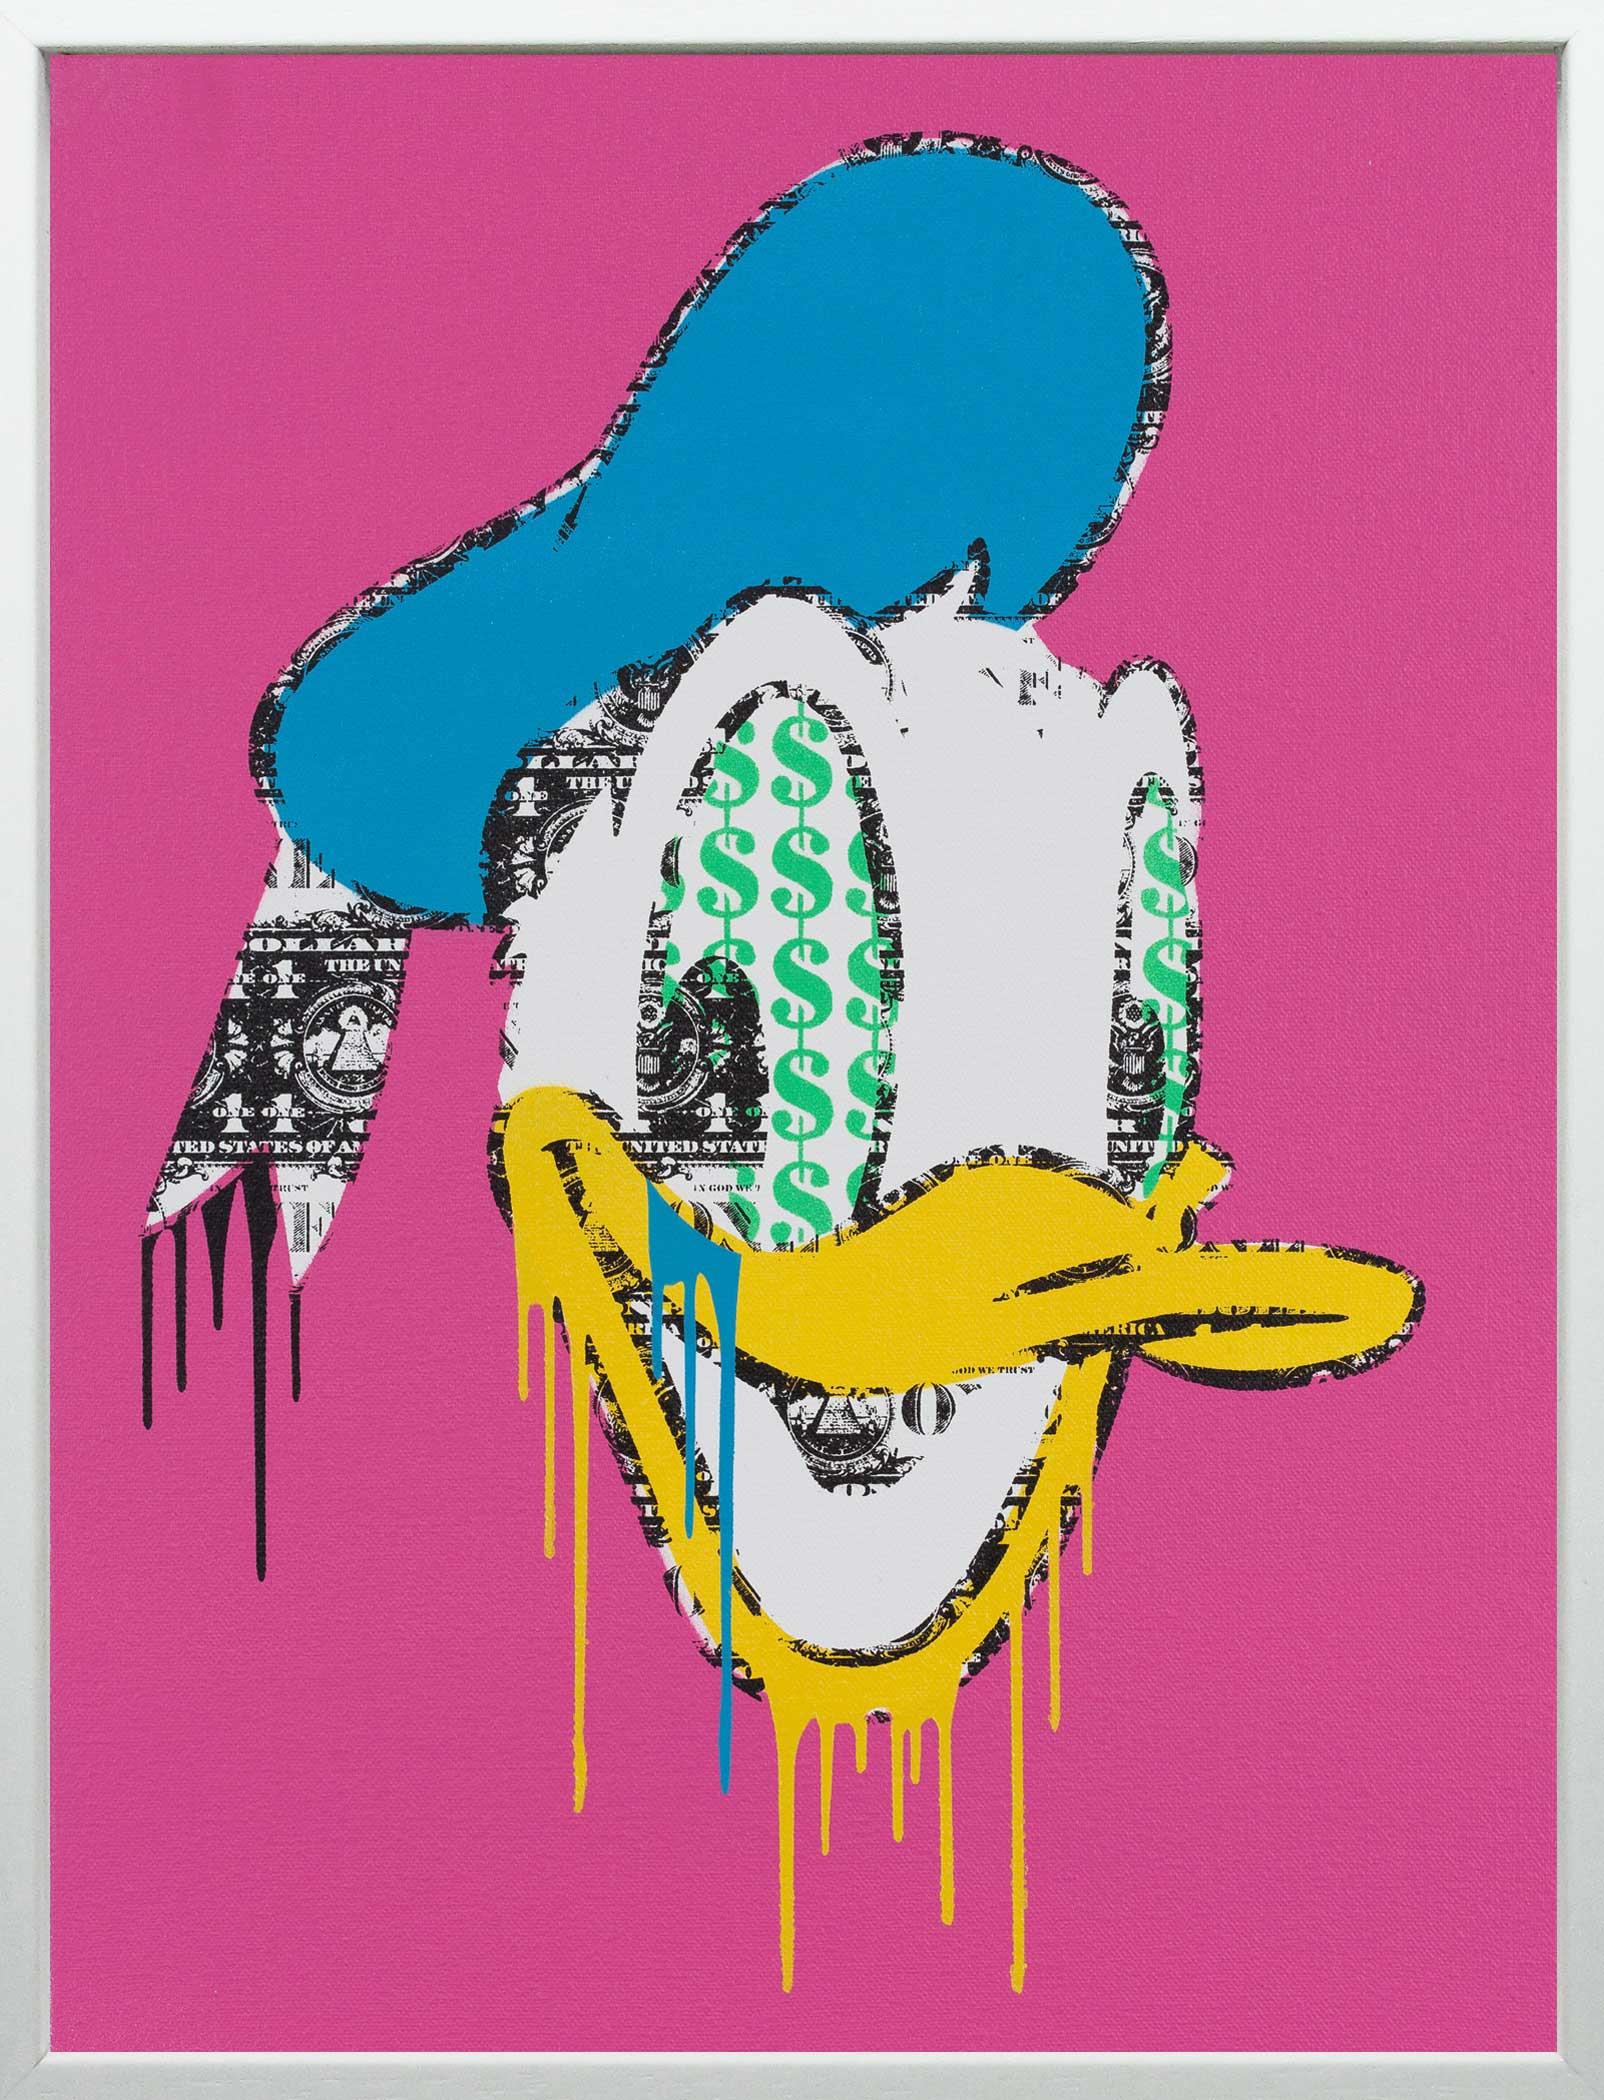 Popaganda-Duck-Pink-Detail-01.jpg